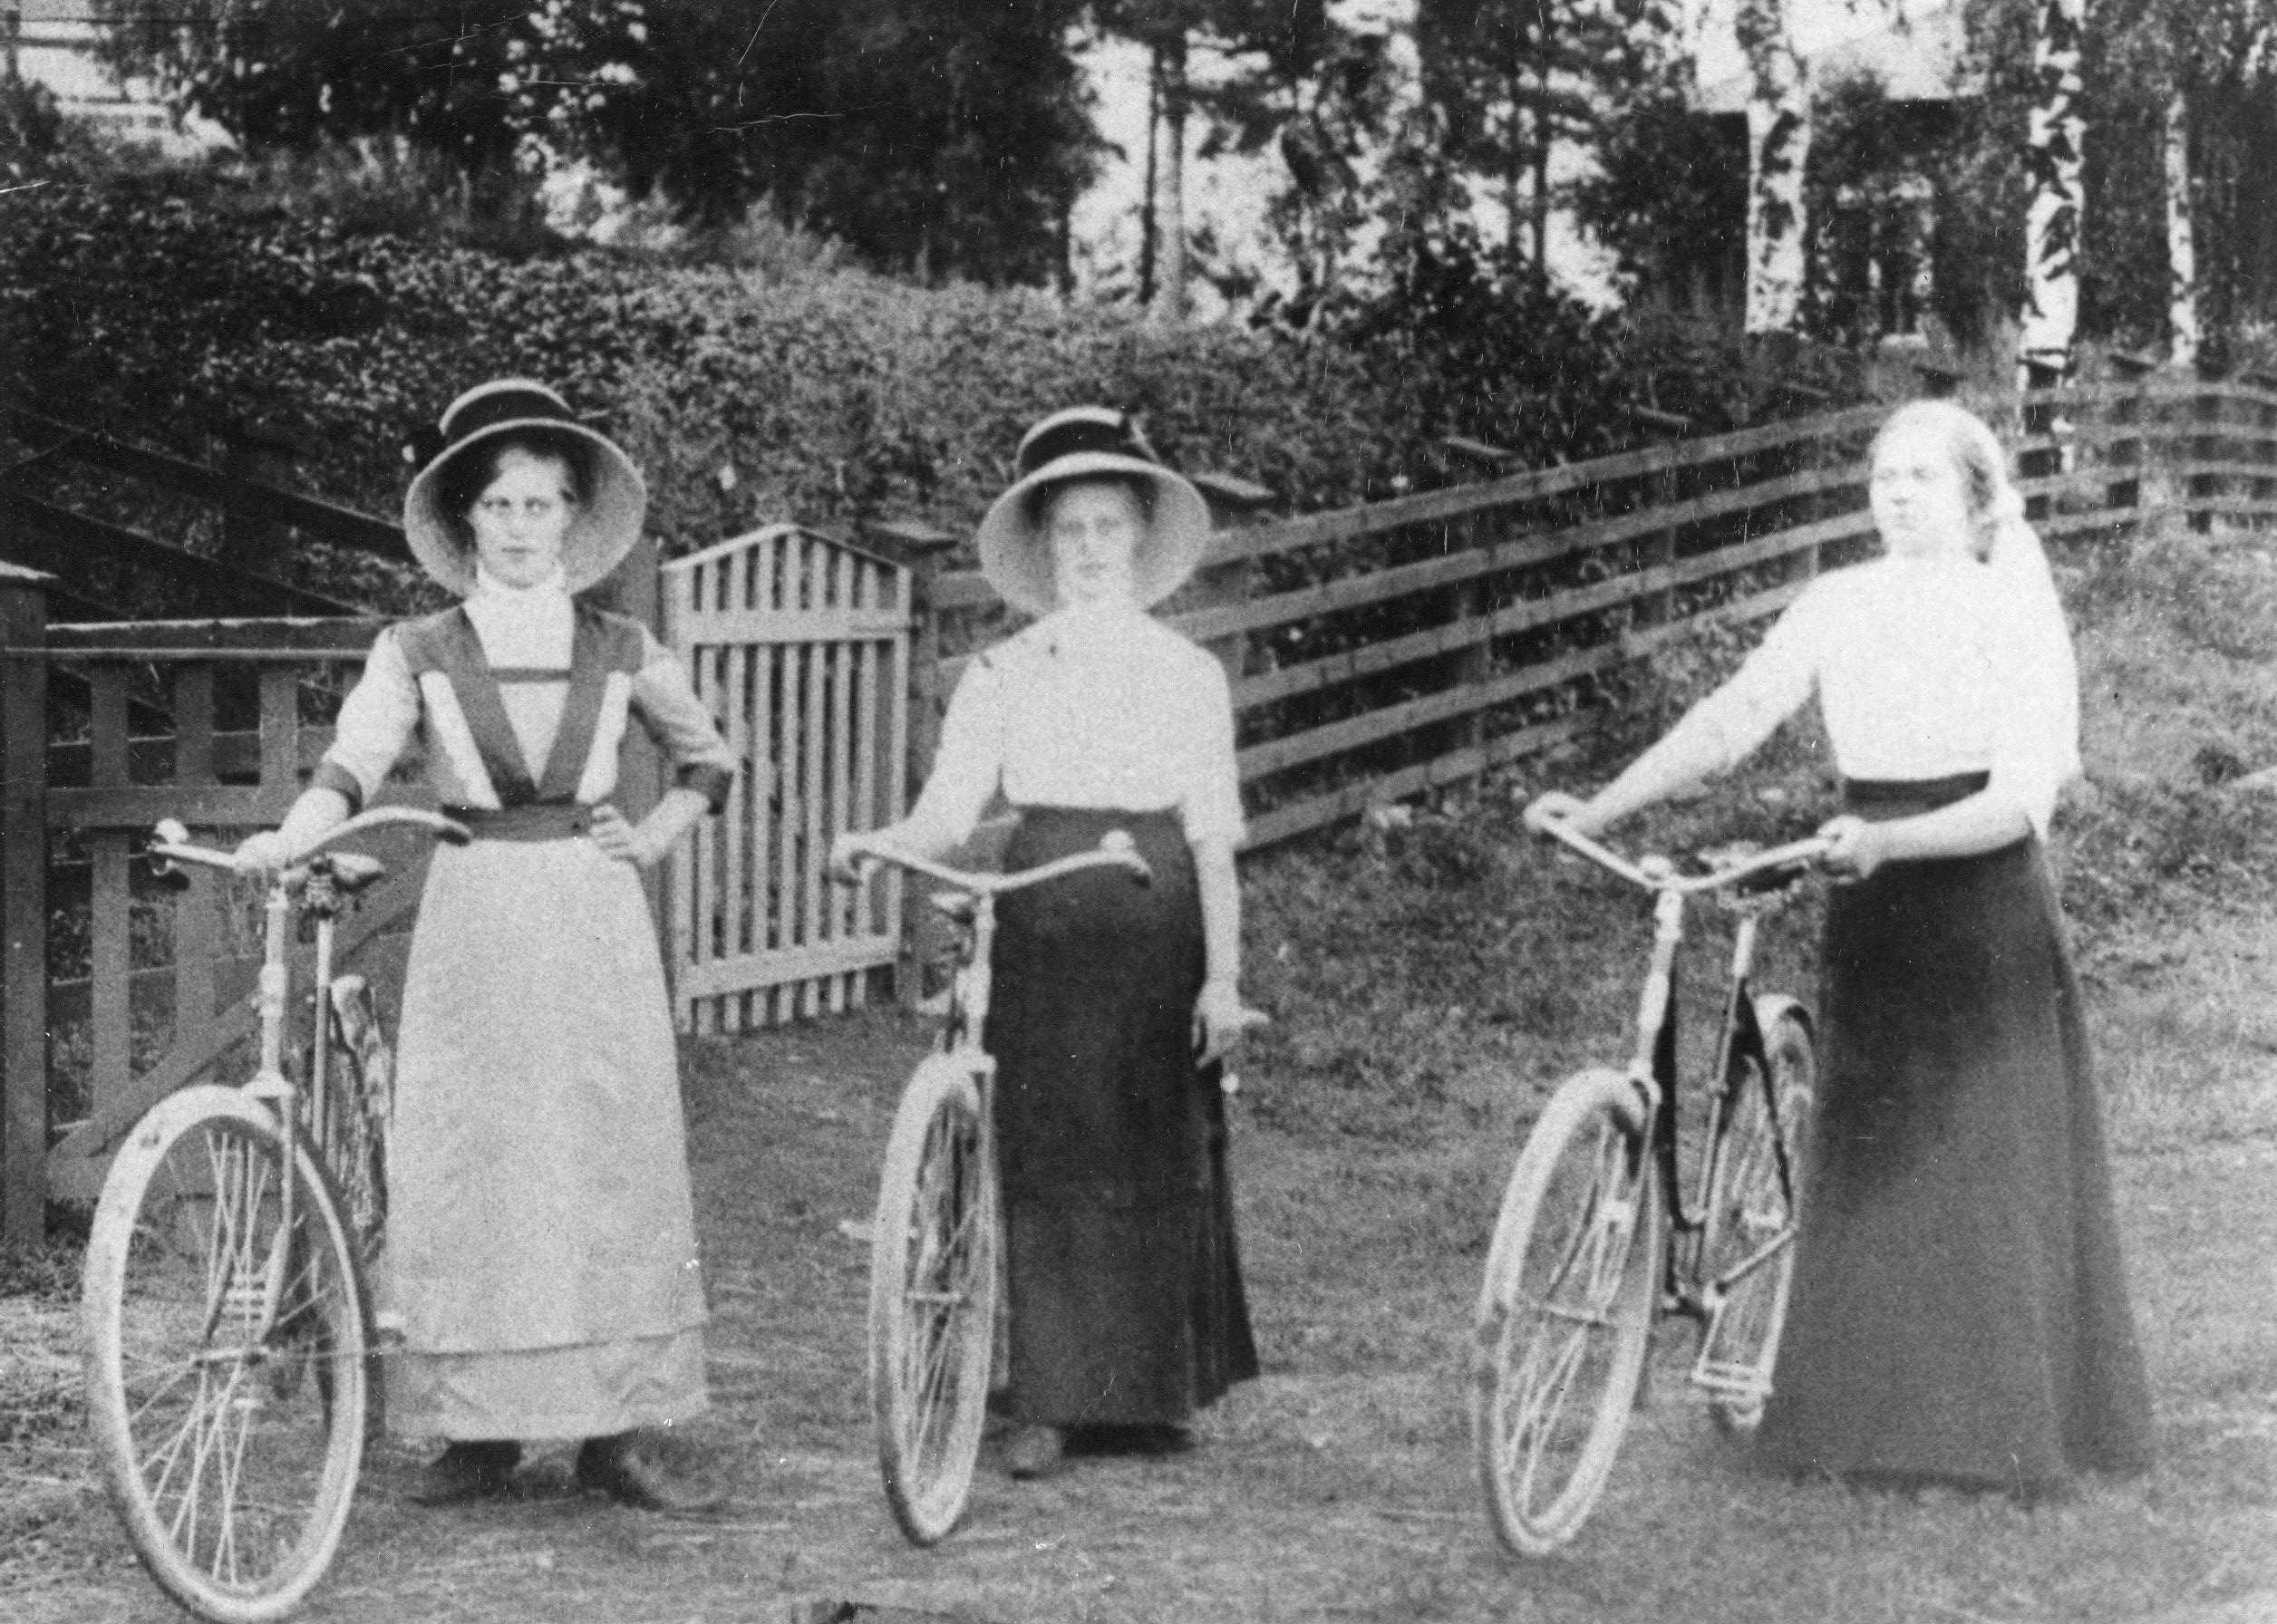 Polkupyöräileviä naisia 1900-luvun alussa, Topothek Mäntsälä CC BY-NC 4.0 Mäntsälä-seura